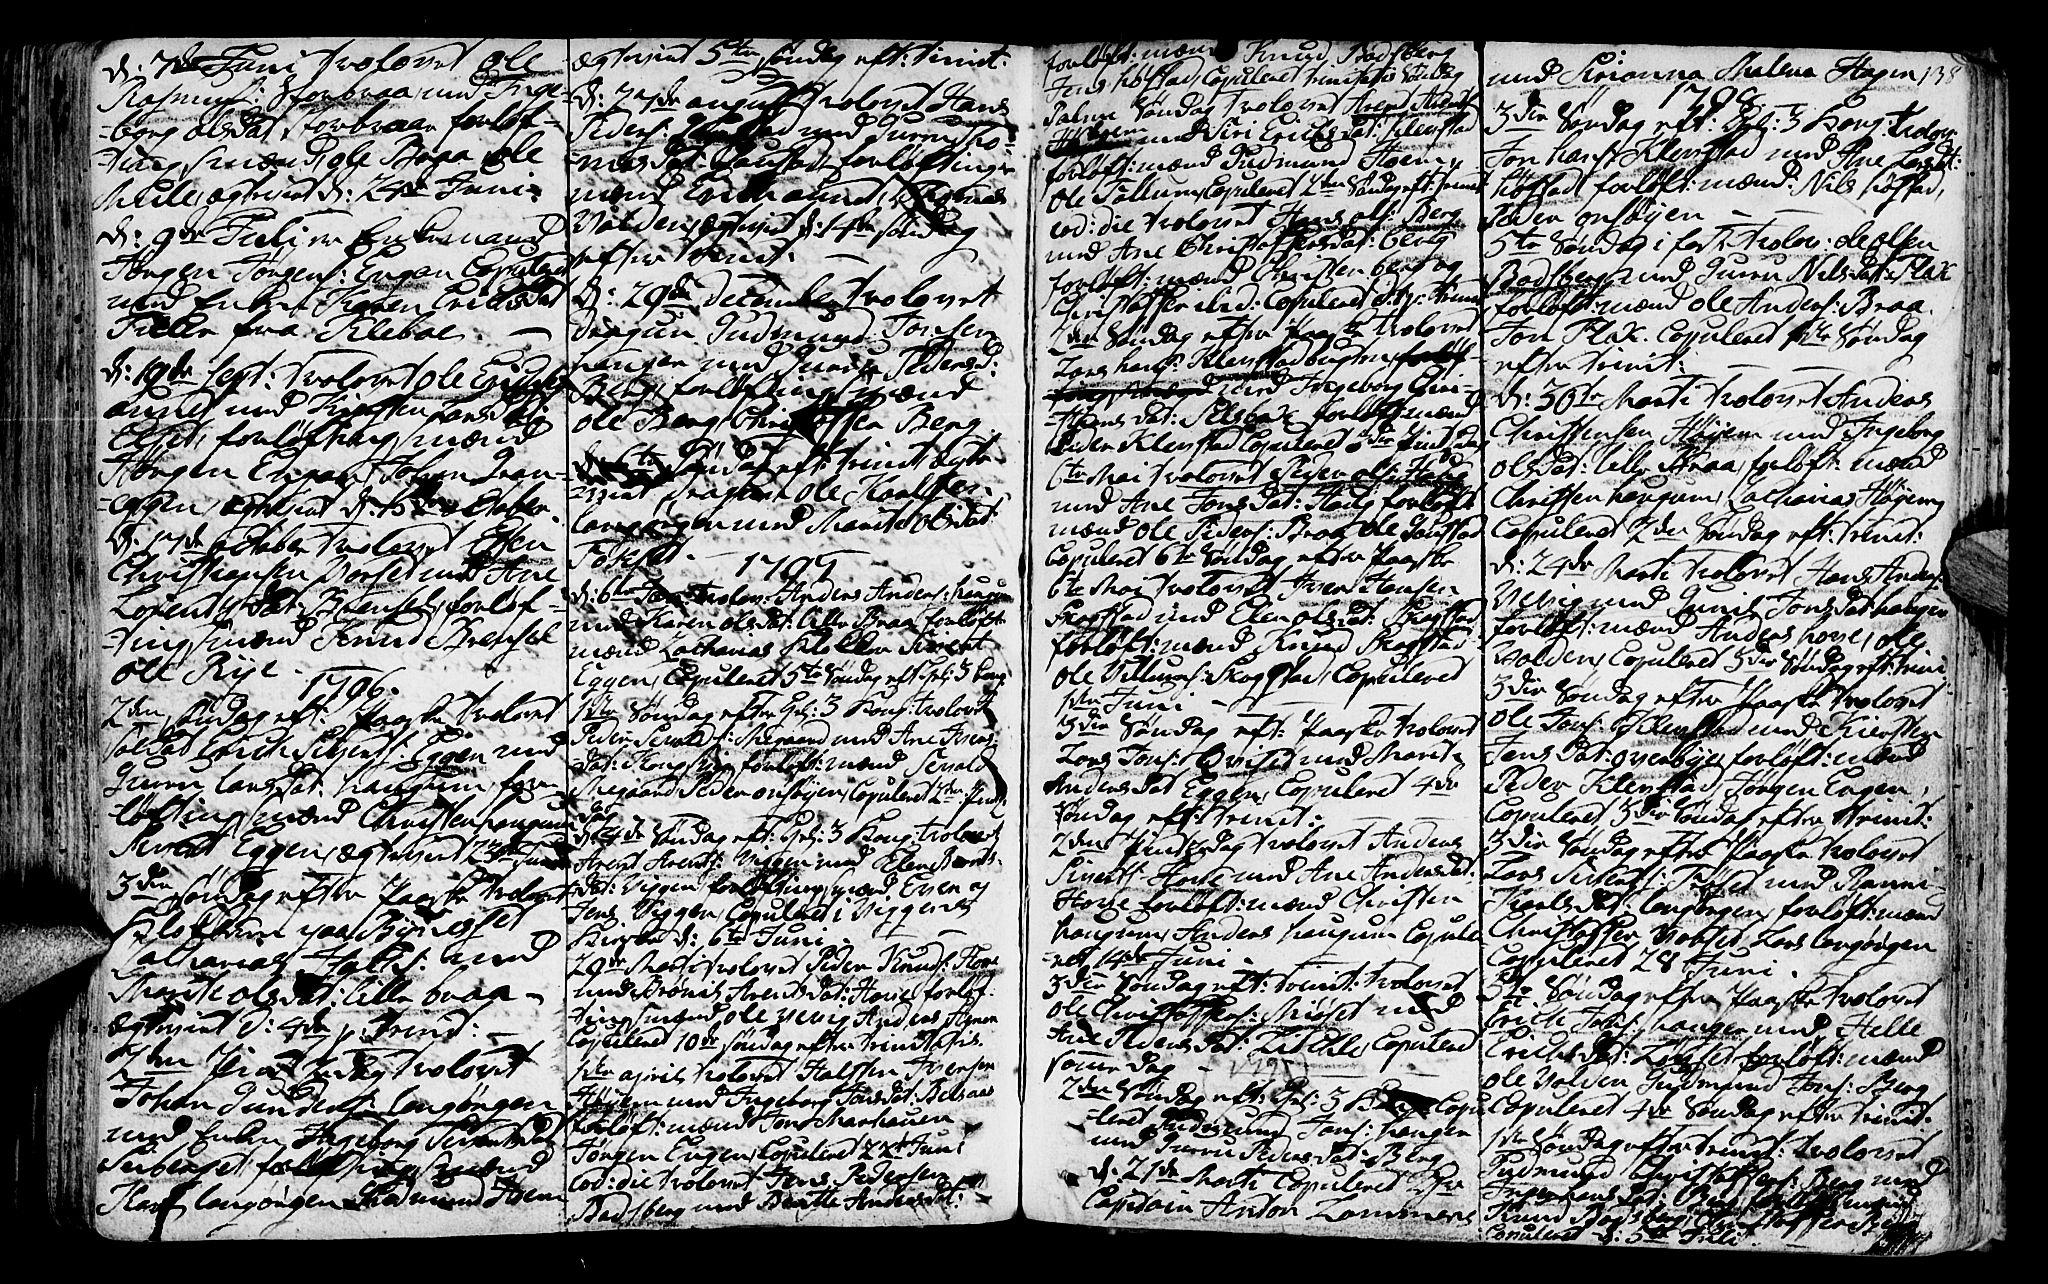 SAT, Ministerialprotokoller, klokkerbøker og fødselsregistre - Sør-Trøndelag, 612/L0370: Ministerialbok nr. 612A04, 1754-1802, s. 138